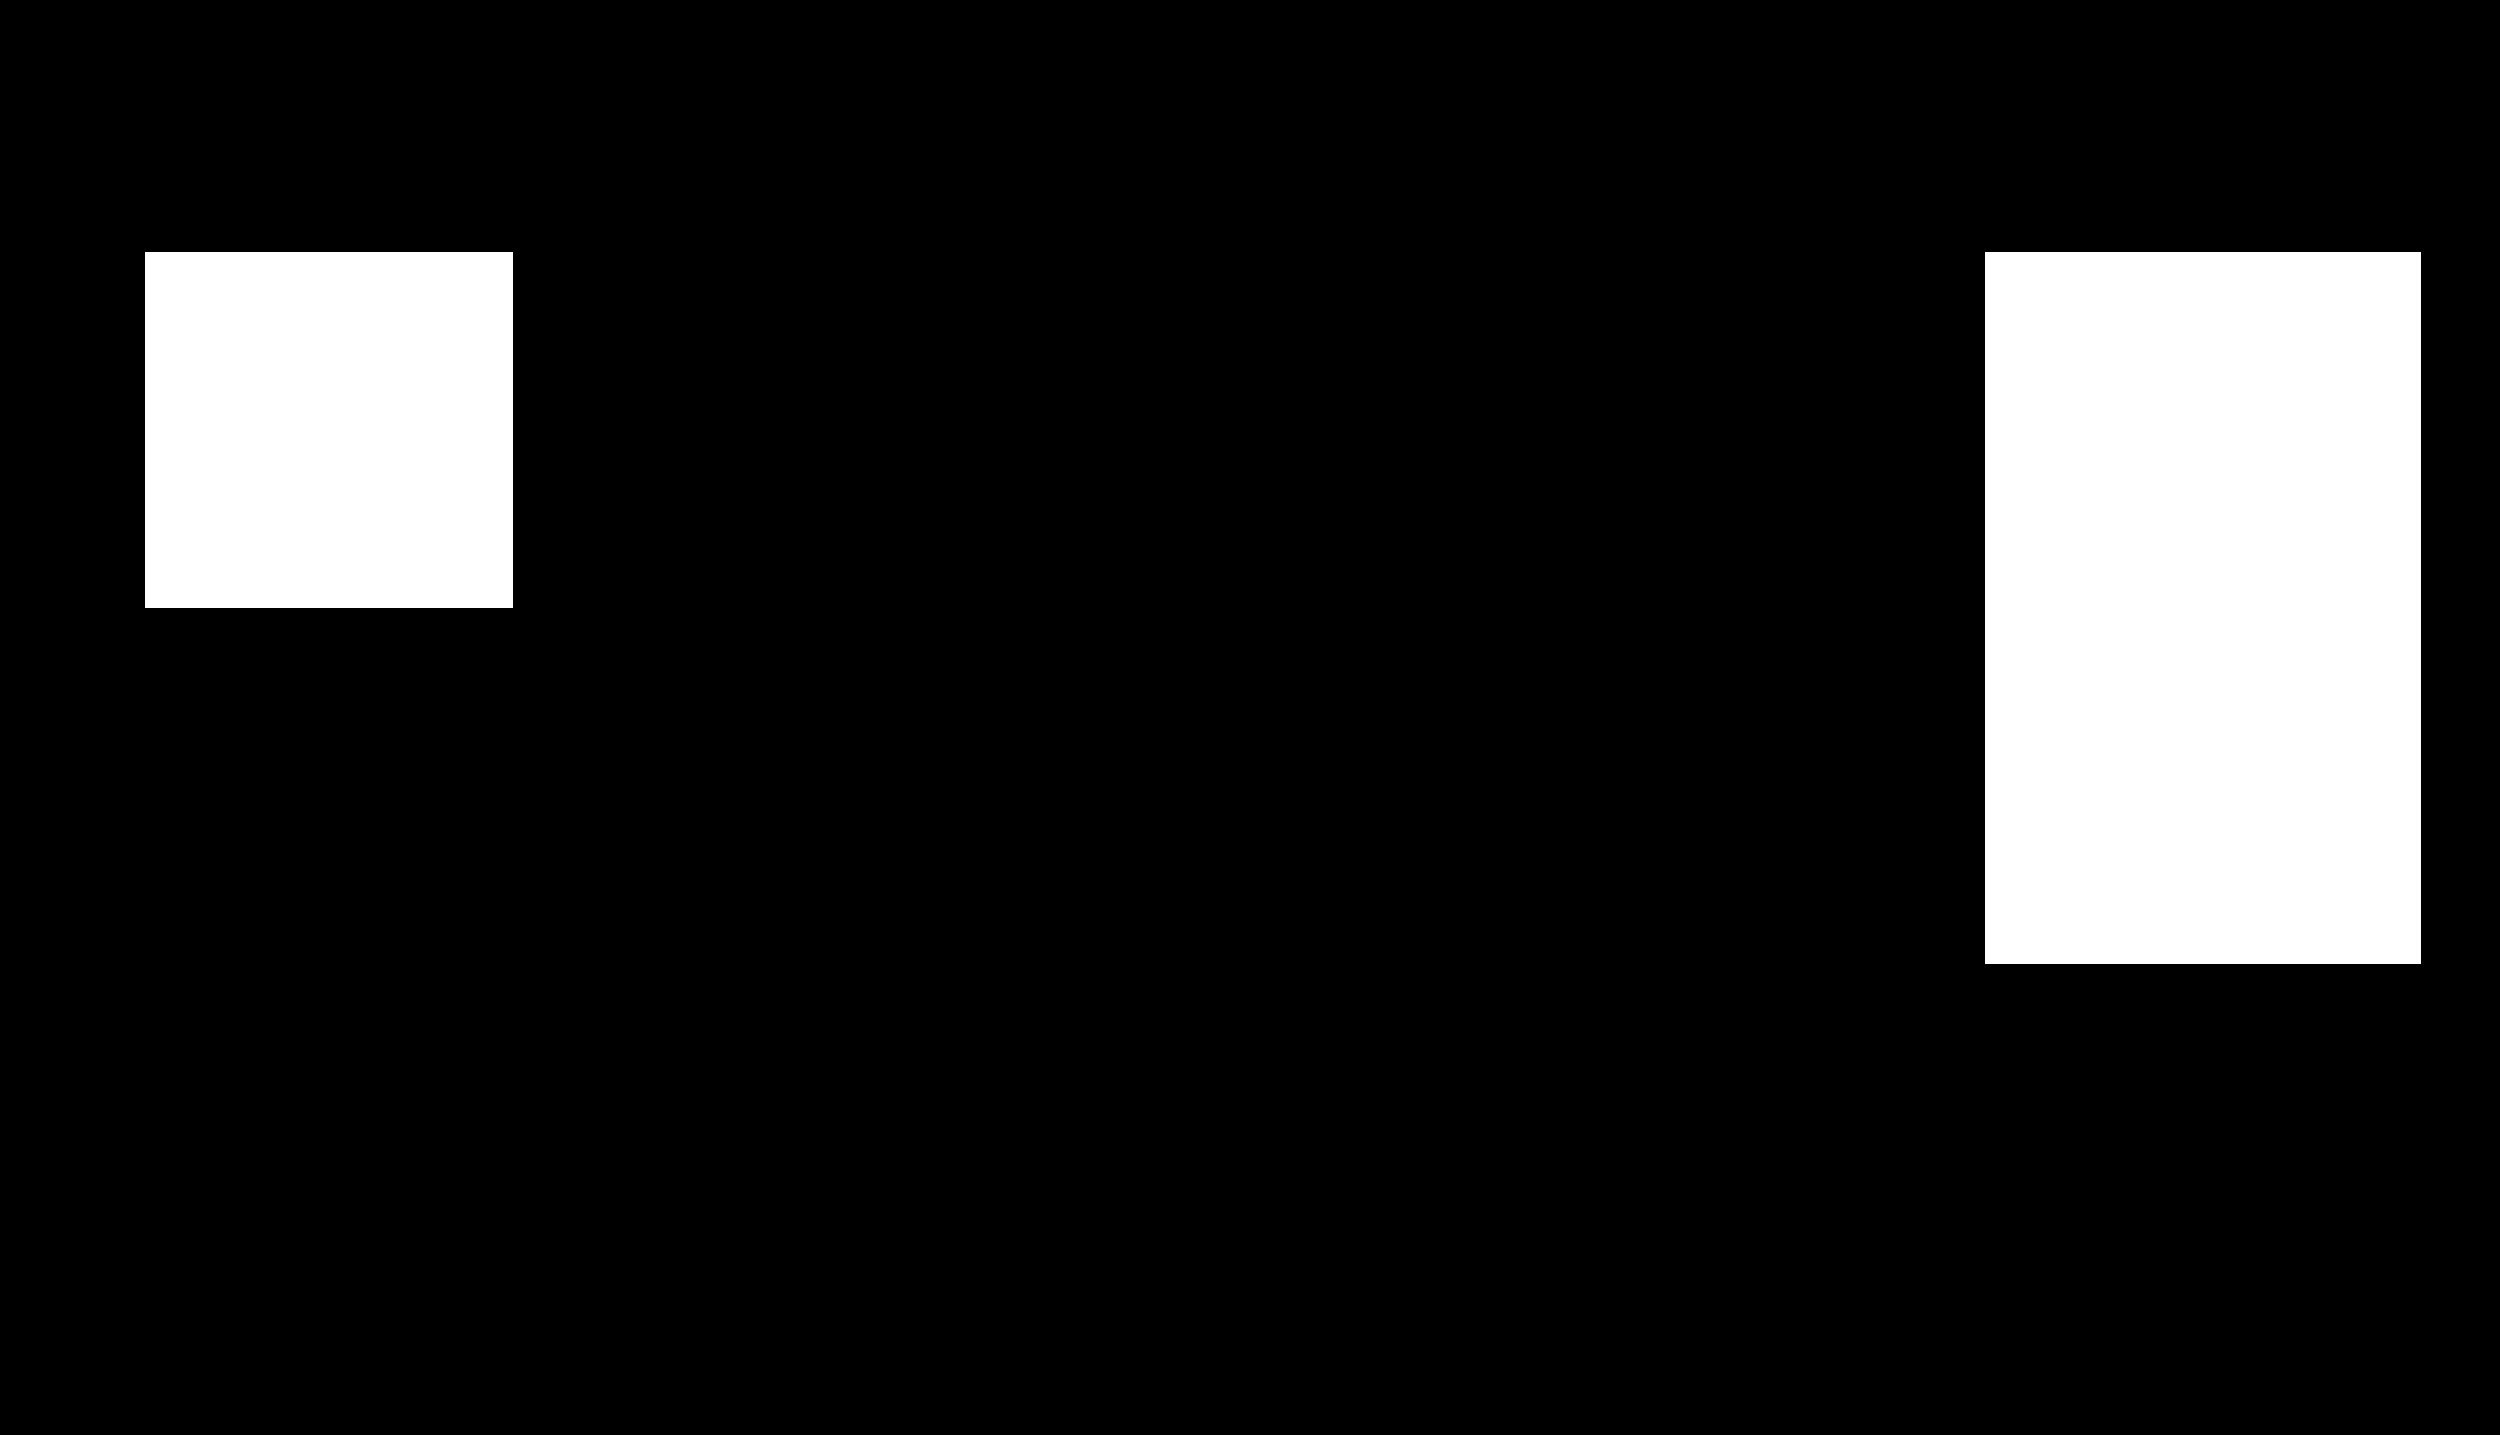 Pomme pidou logo